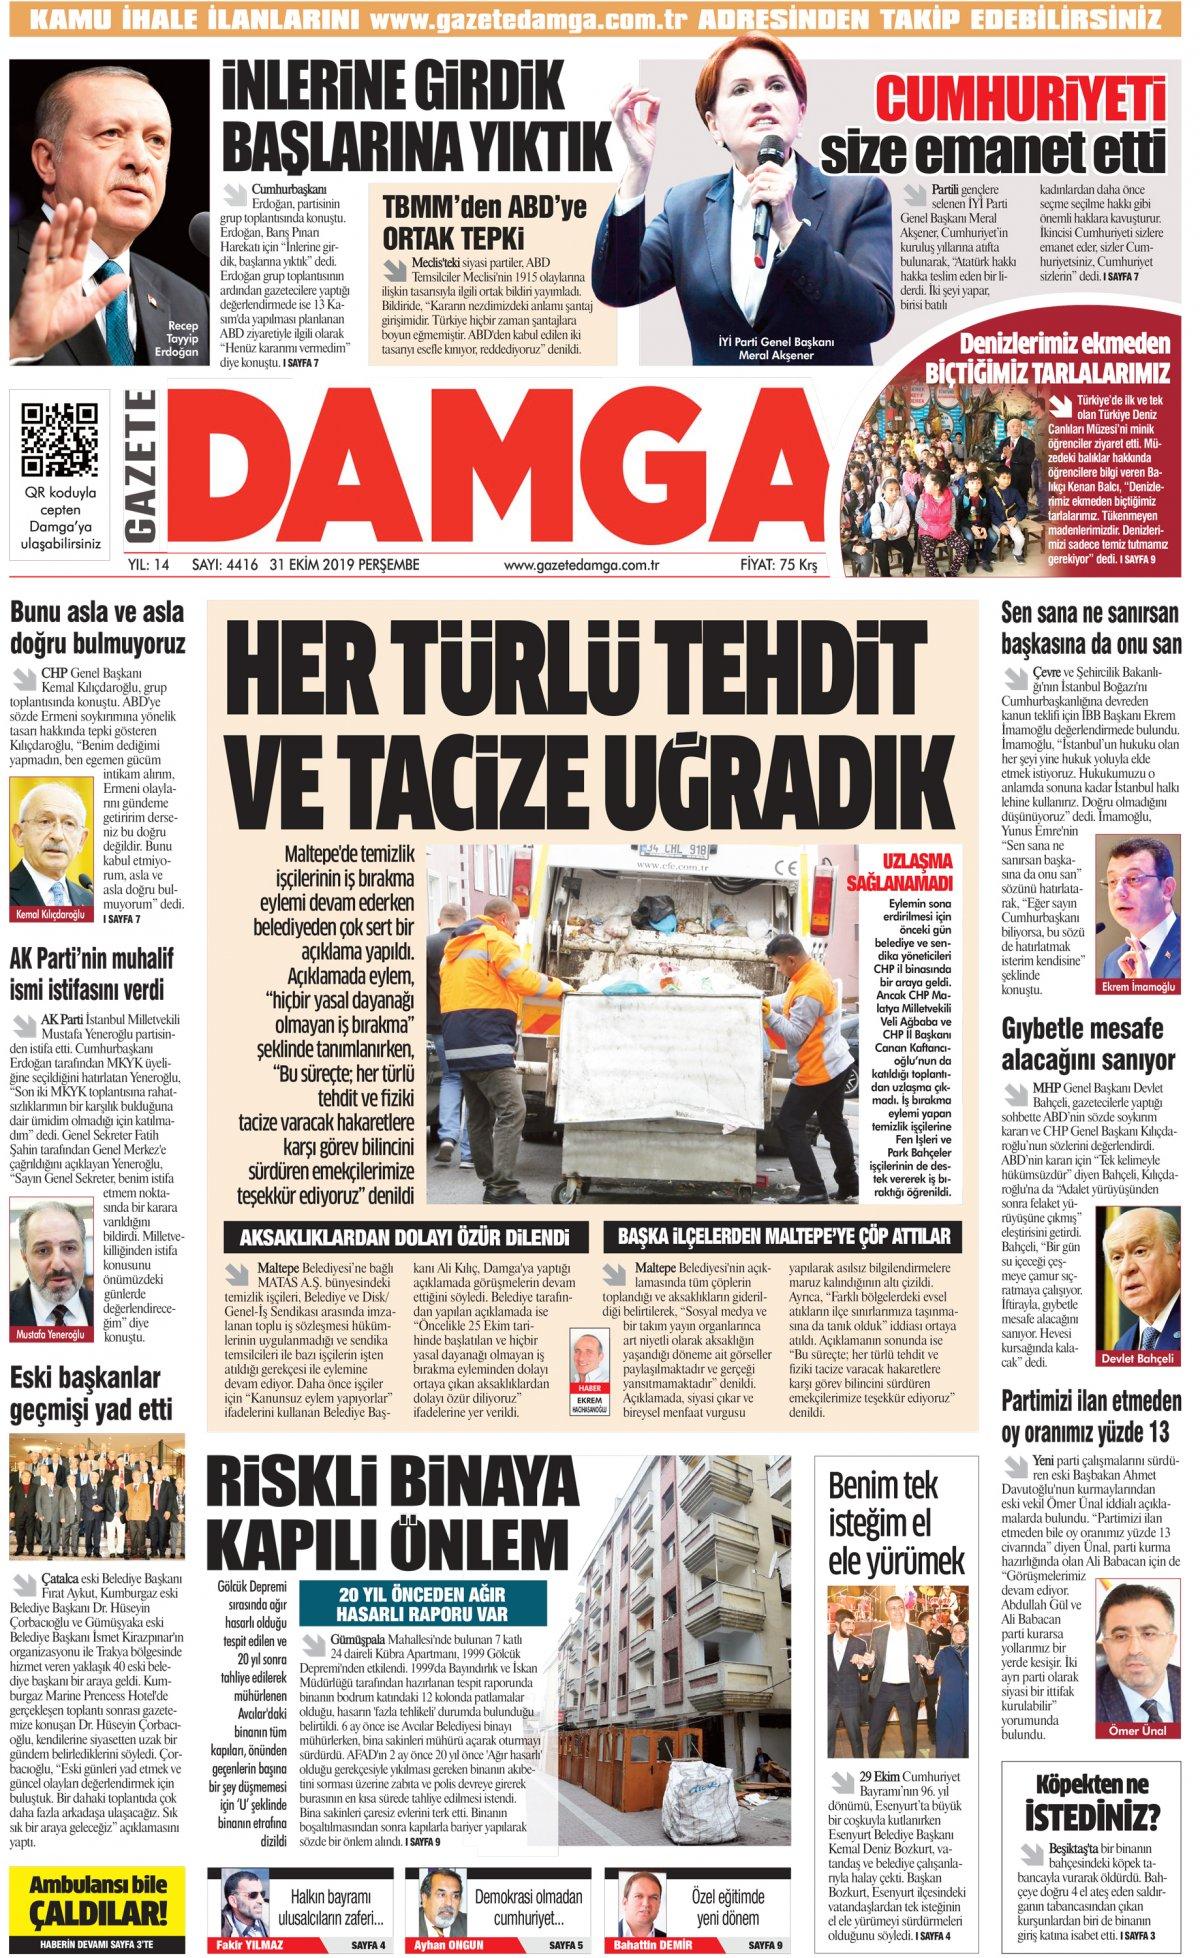 Gazete Damga - 31.10.2019 Sayfaları